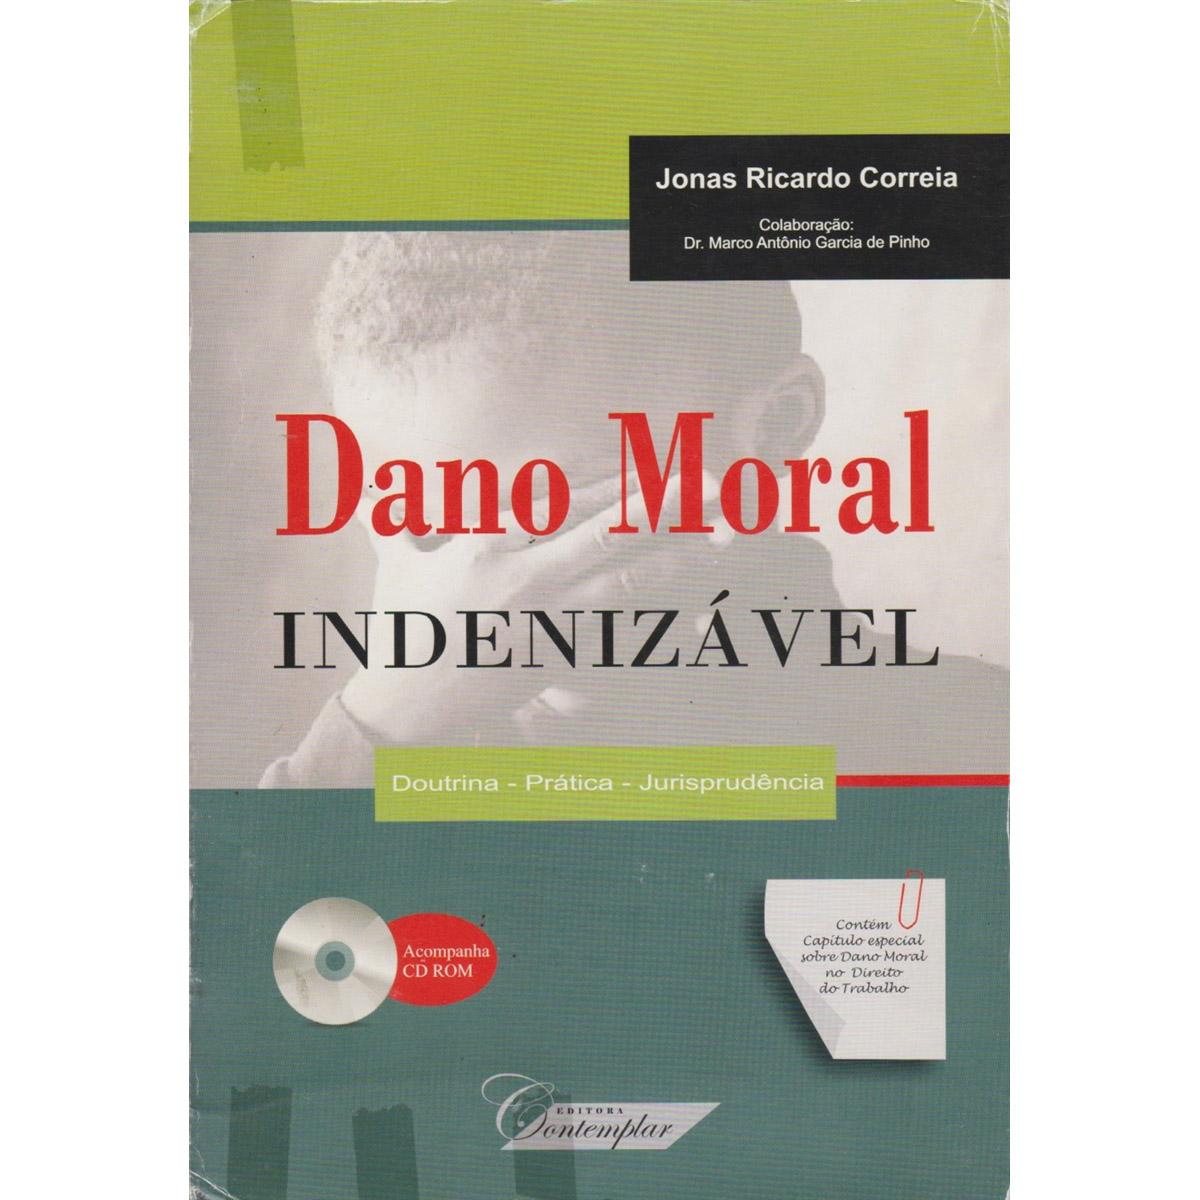 Dano Moral Indenizável